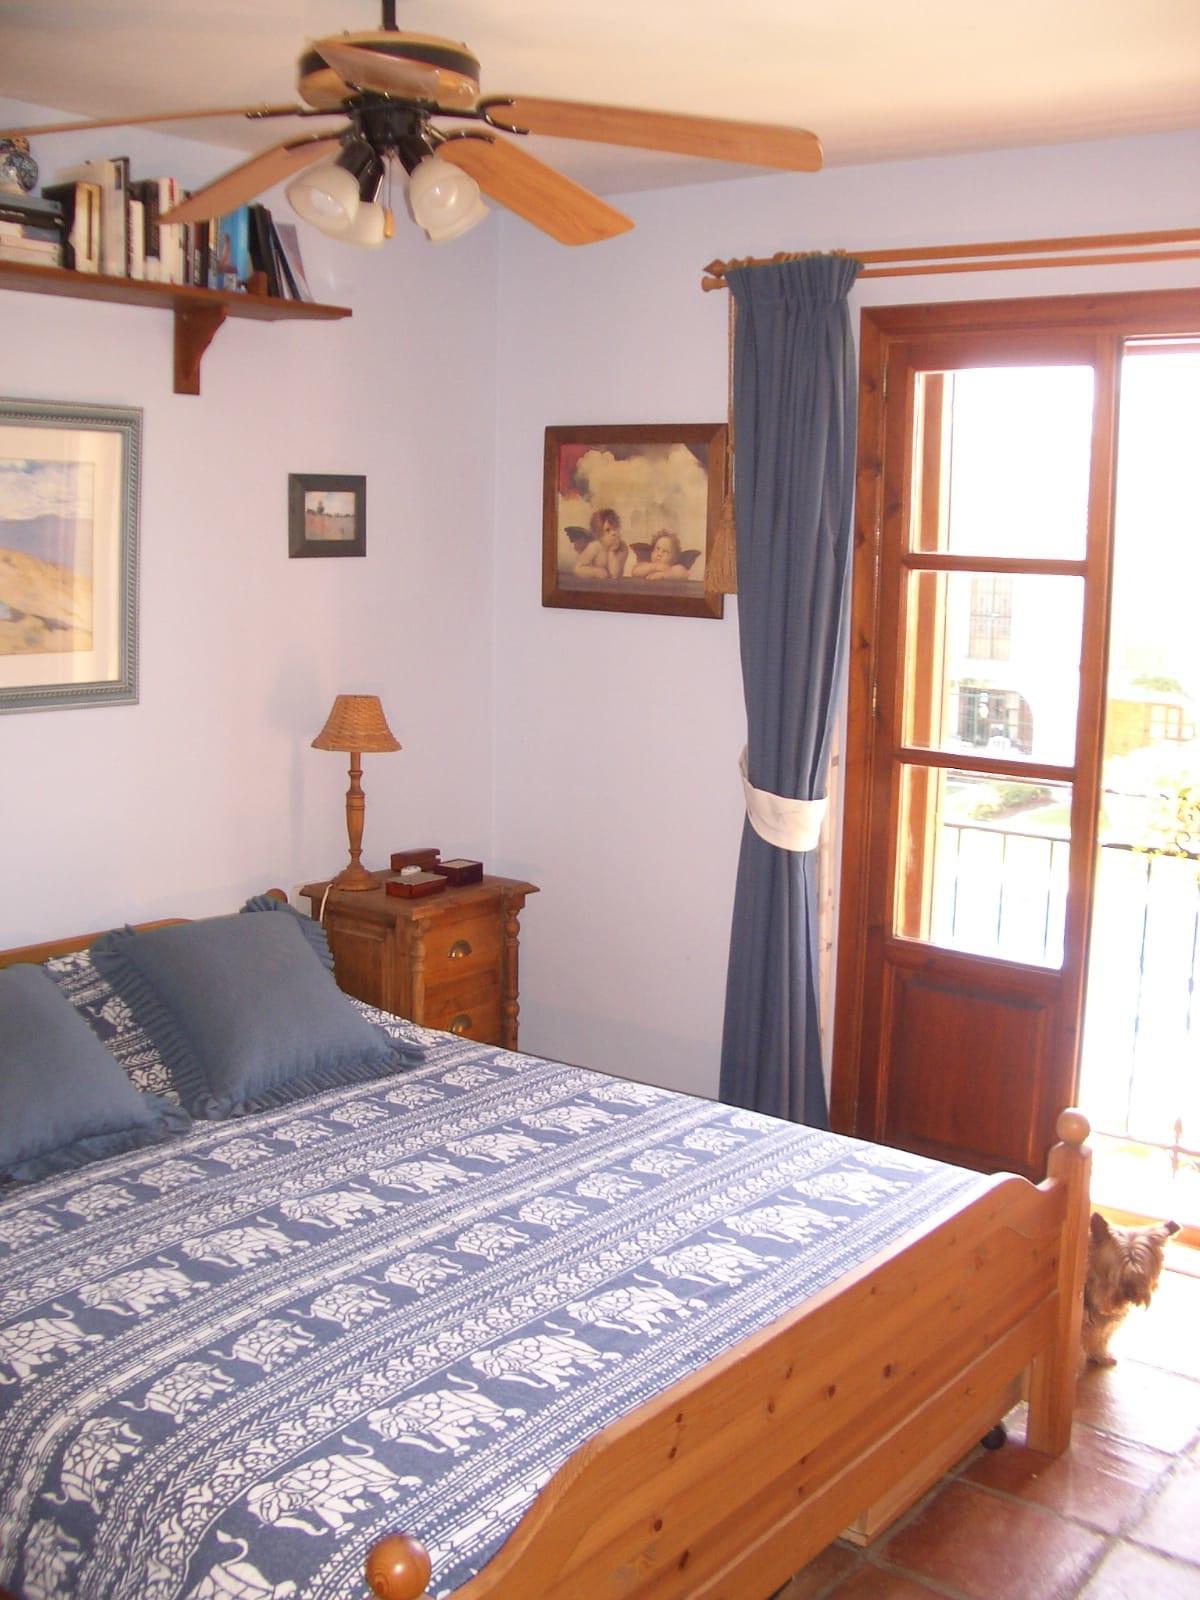 4 Dormitorio Unifamiliar en venta Calypso